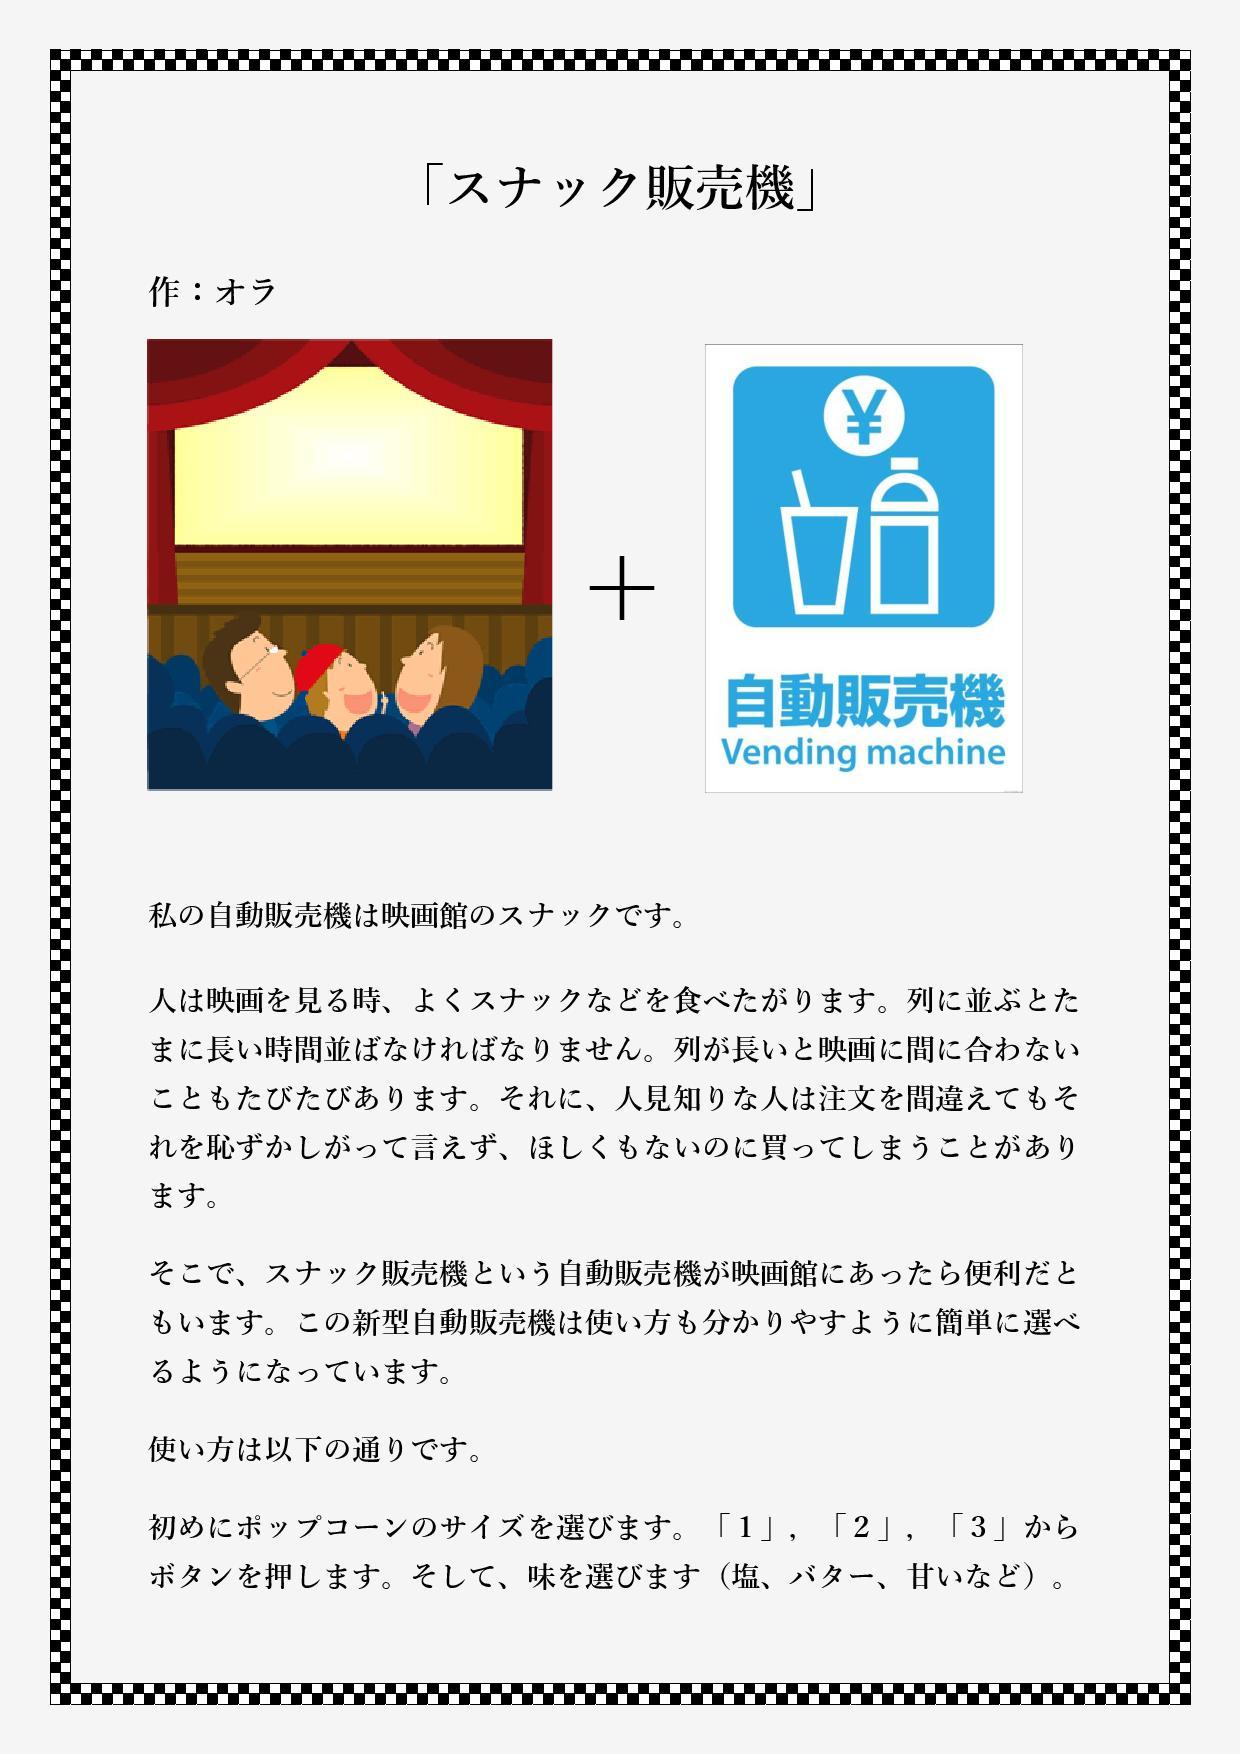 スナック販売機-page-001